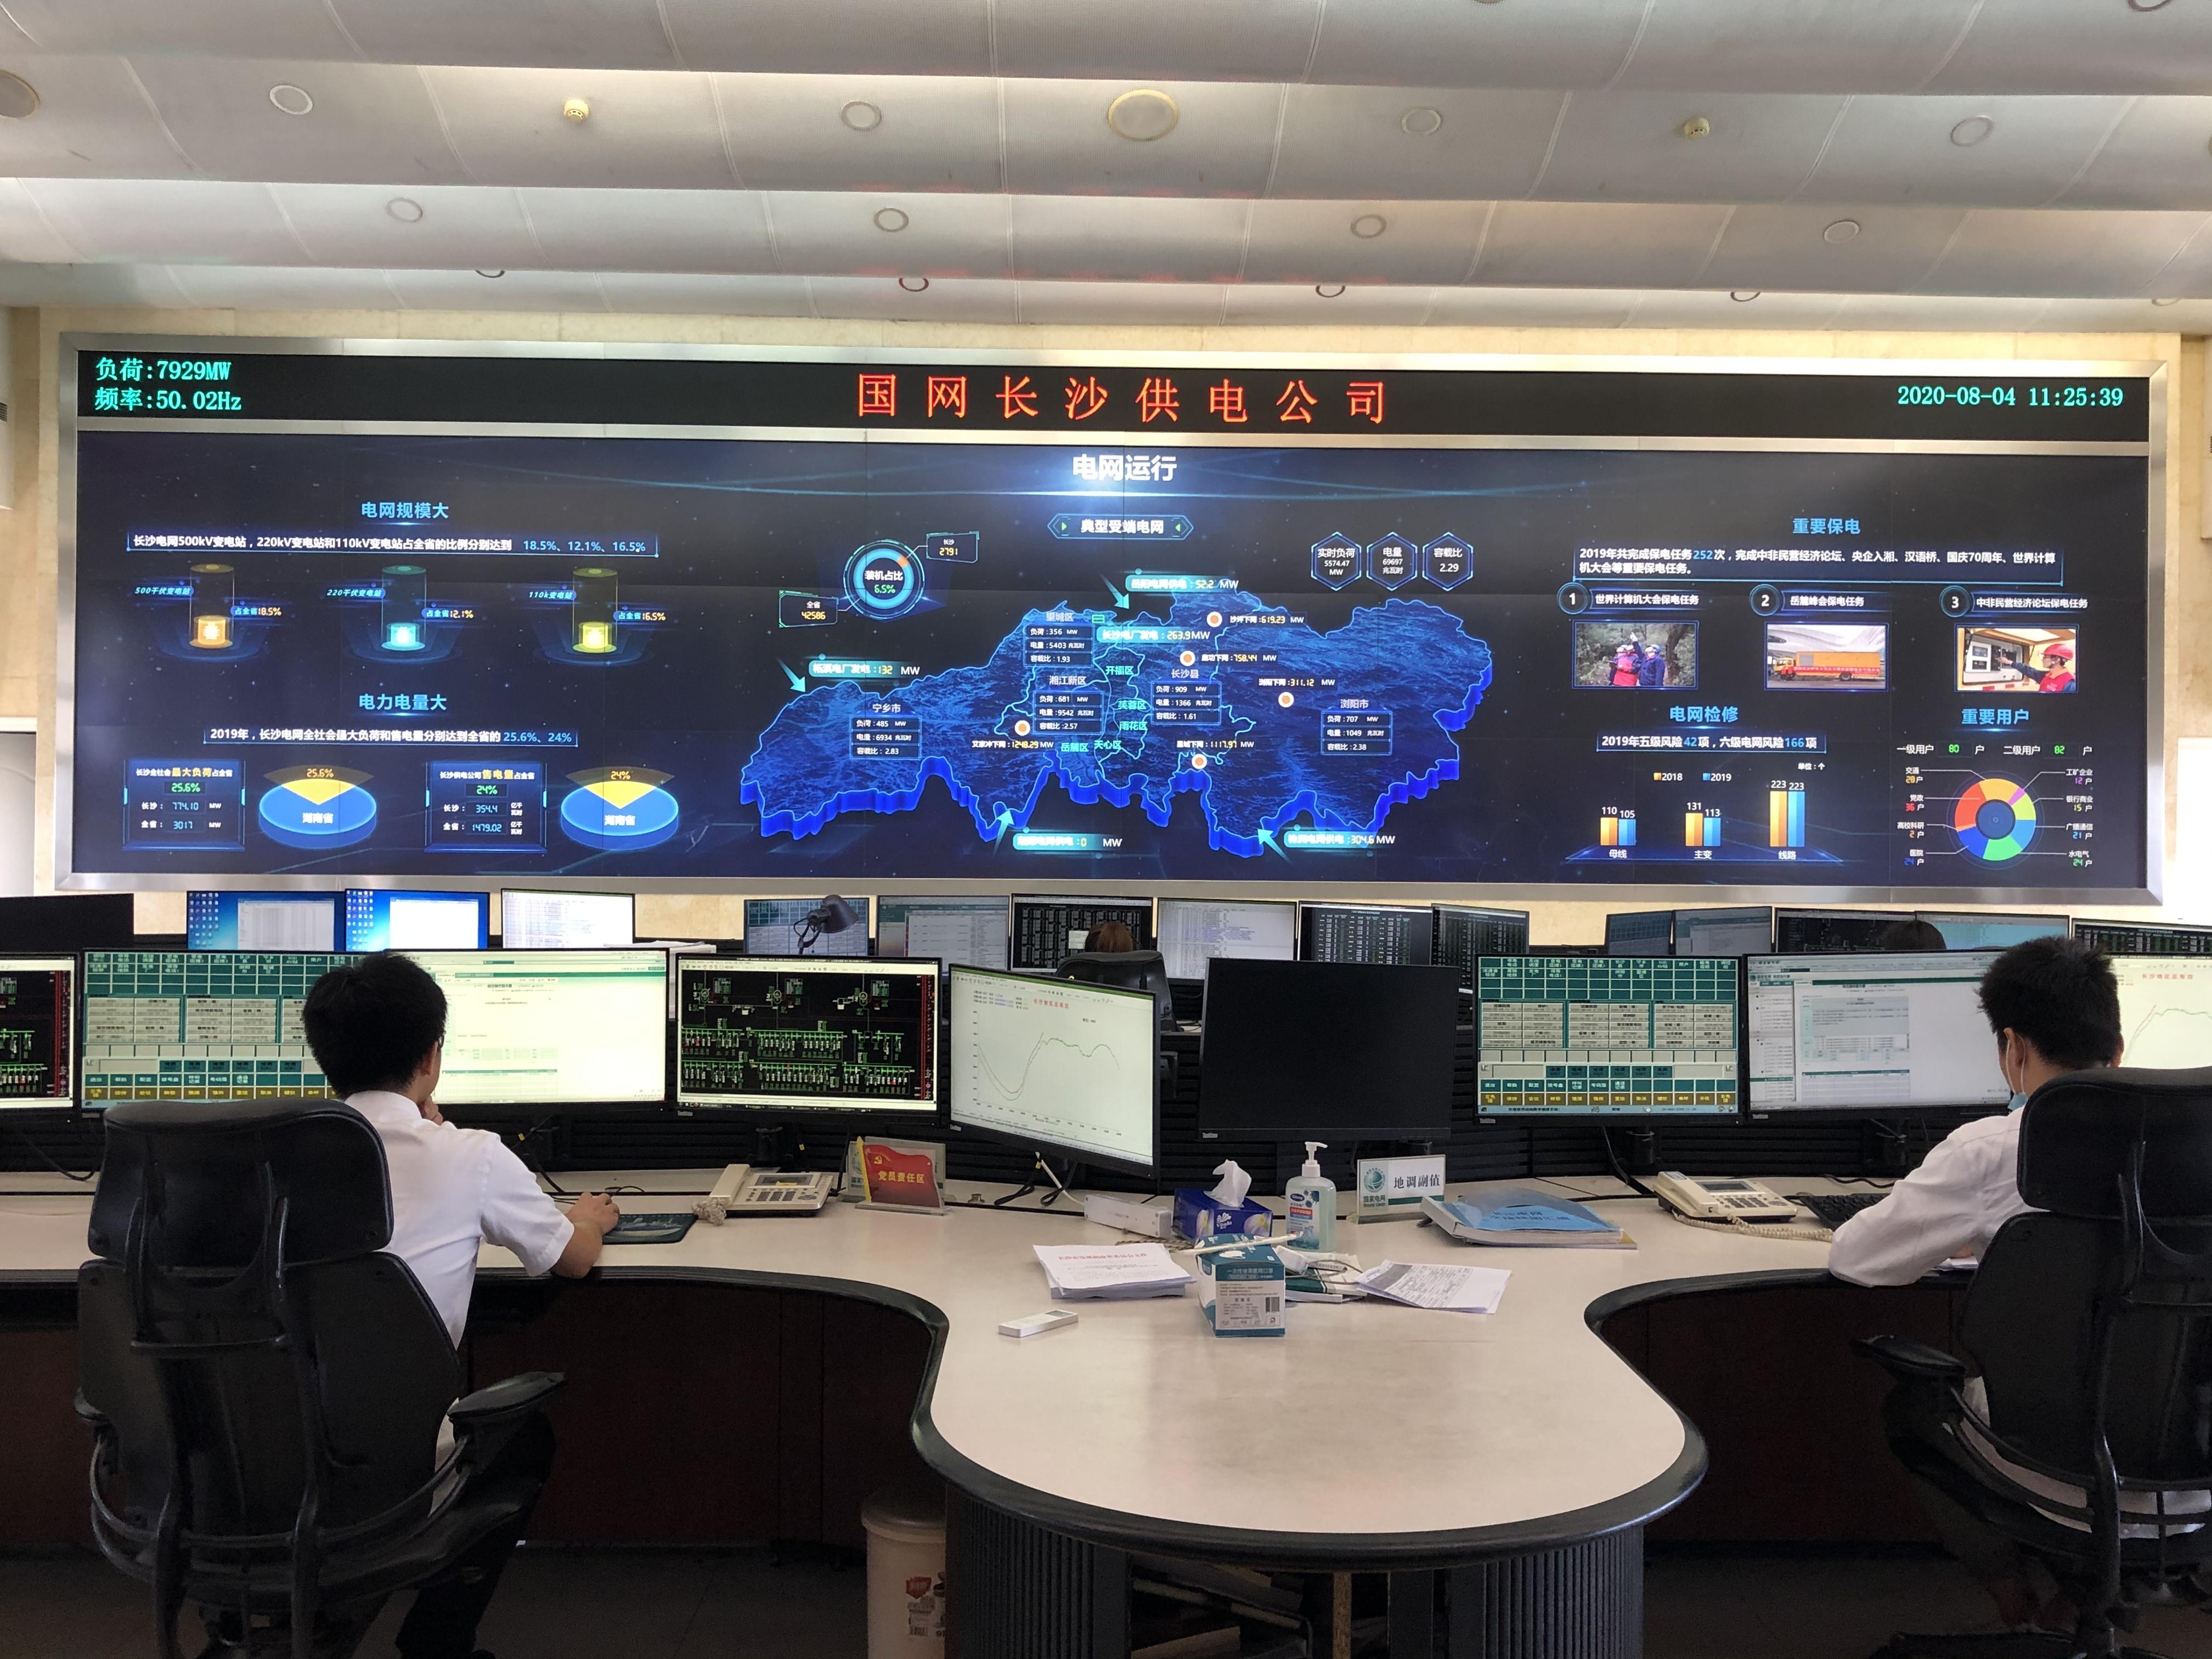 国网长沙供电公司电力调度控制中心的工作人员24小时无休调度全市电网,确保平稳运行。周辉霞 摄